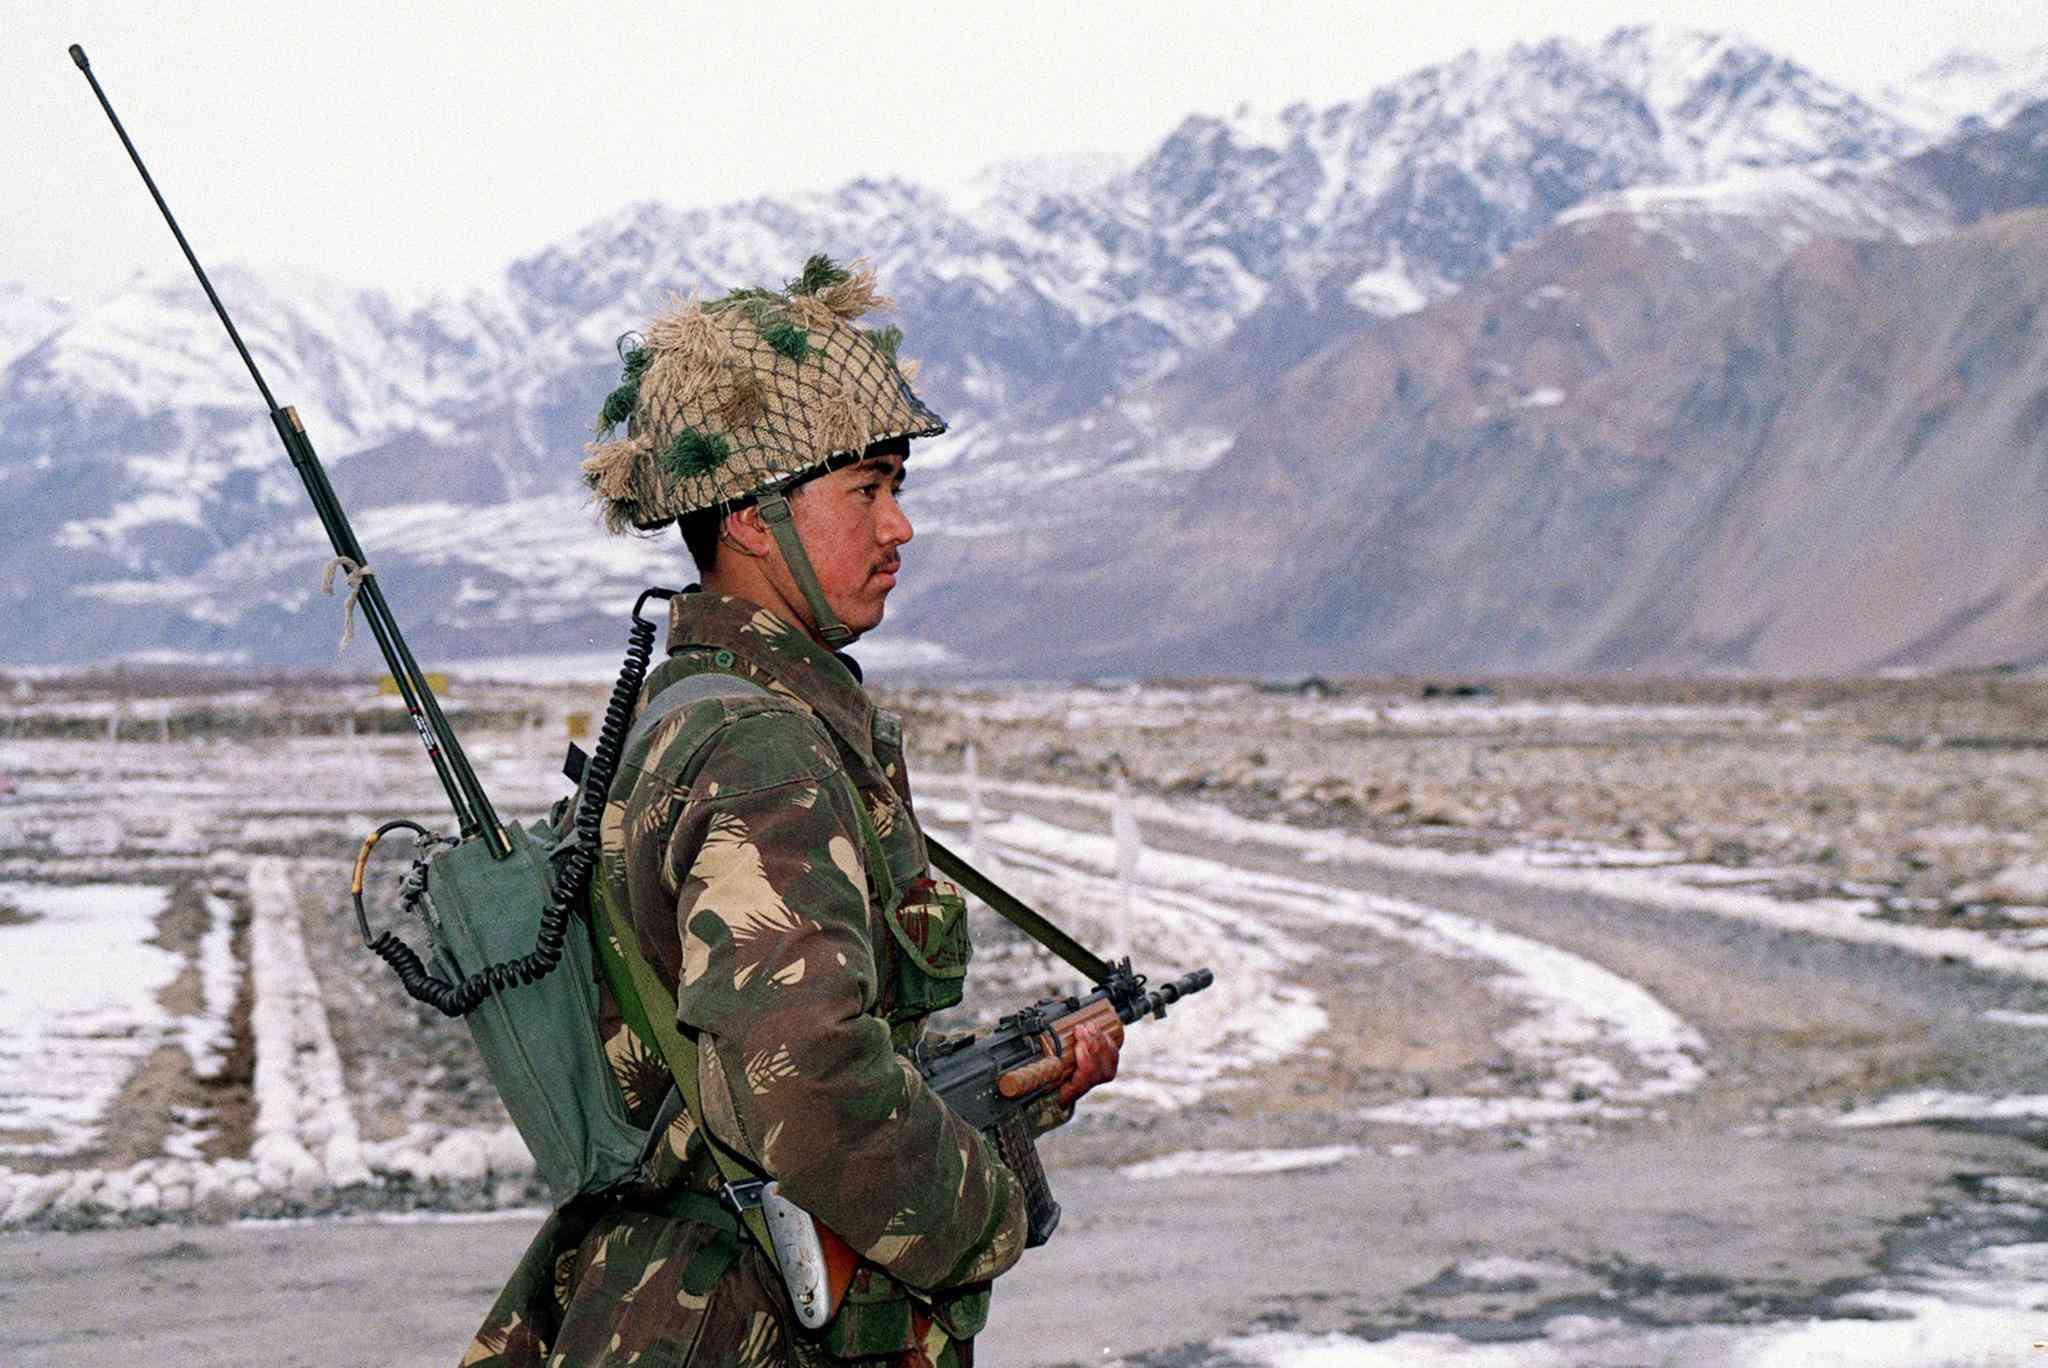 莫迪盯上邊境,解放軍撤9成兵力?真相讓印外長錯愕,中國不留情-圖3